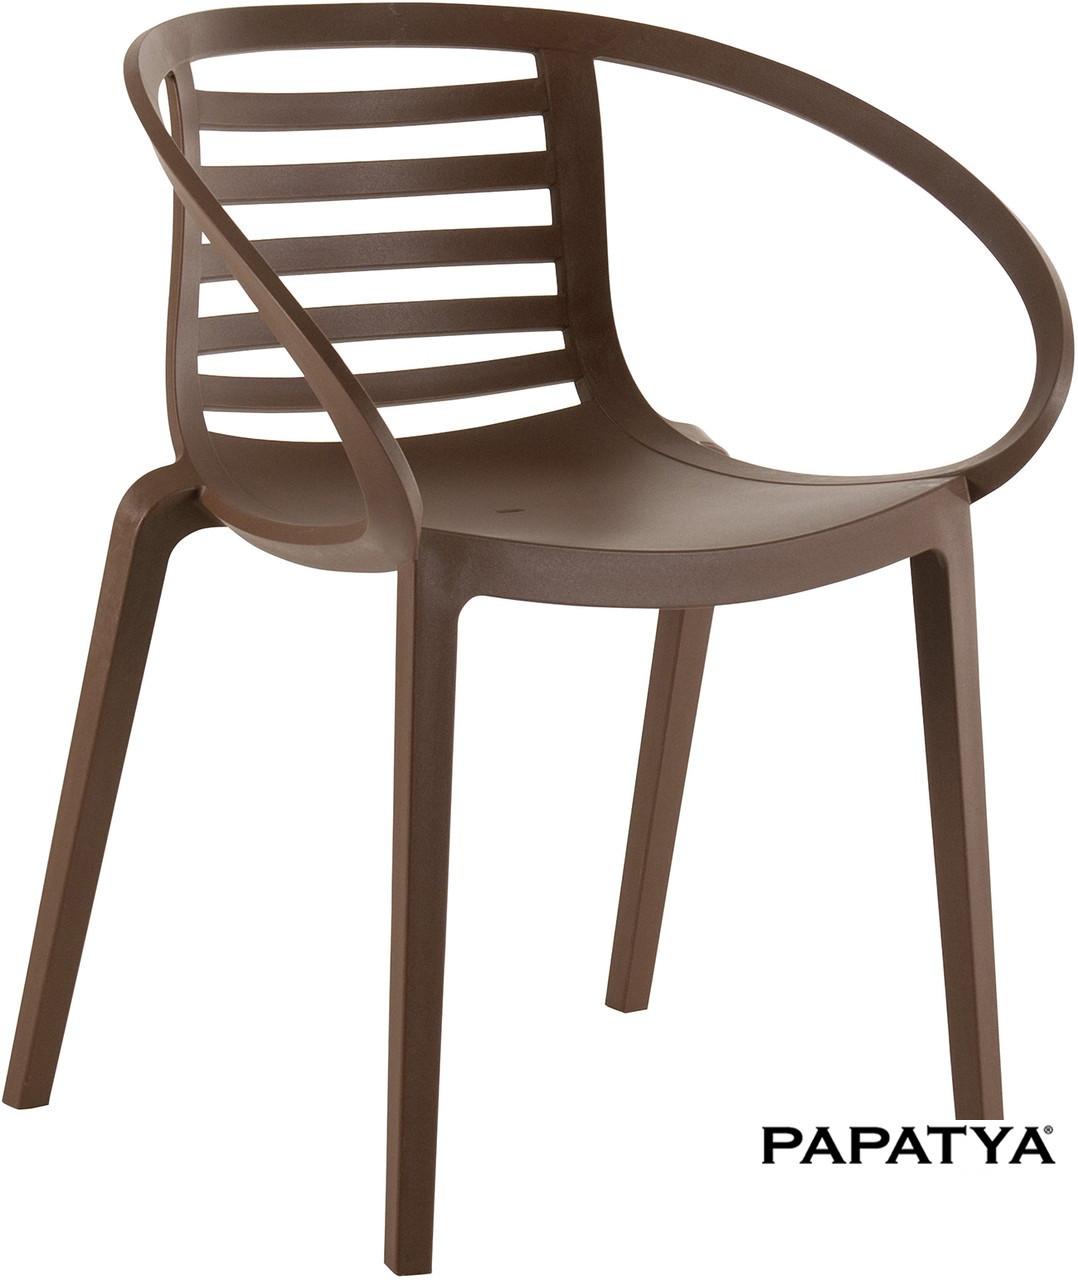 """Дизайнерский стул Mambo ТМ """"Papatya"""""""